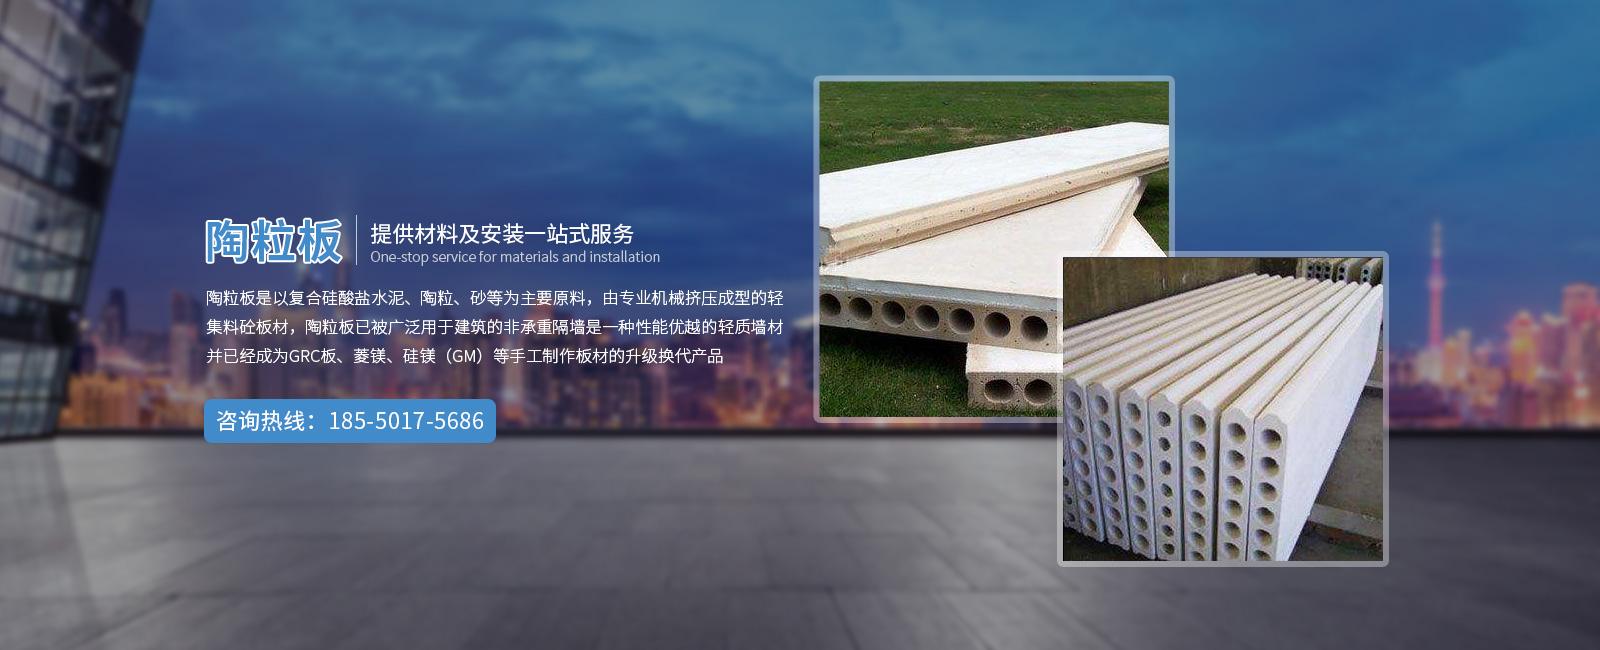 苏州龙之信建筑科技有限公司